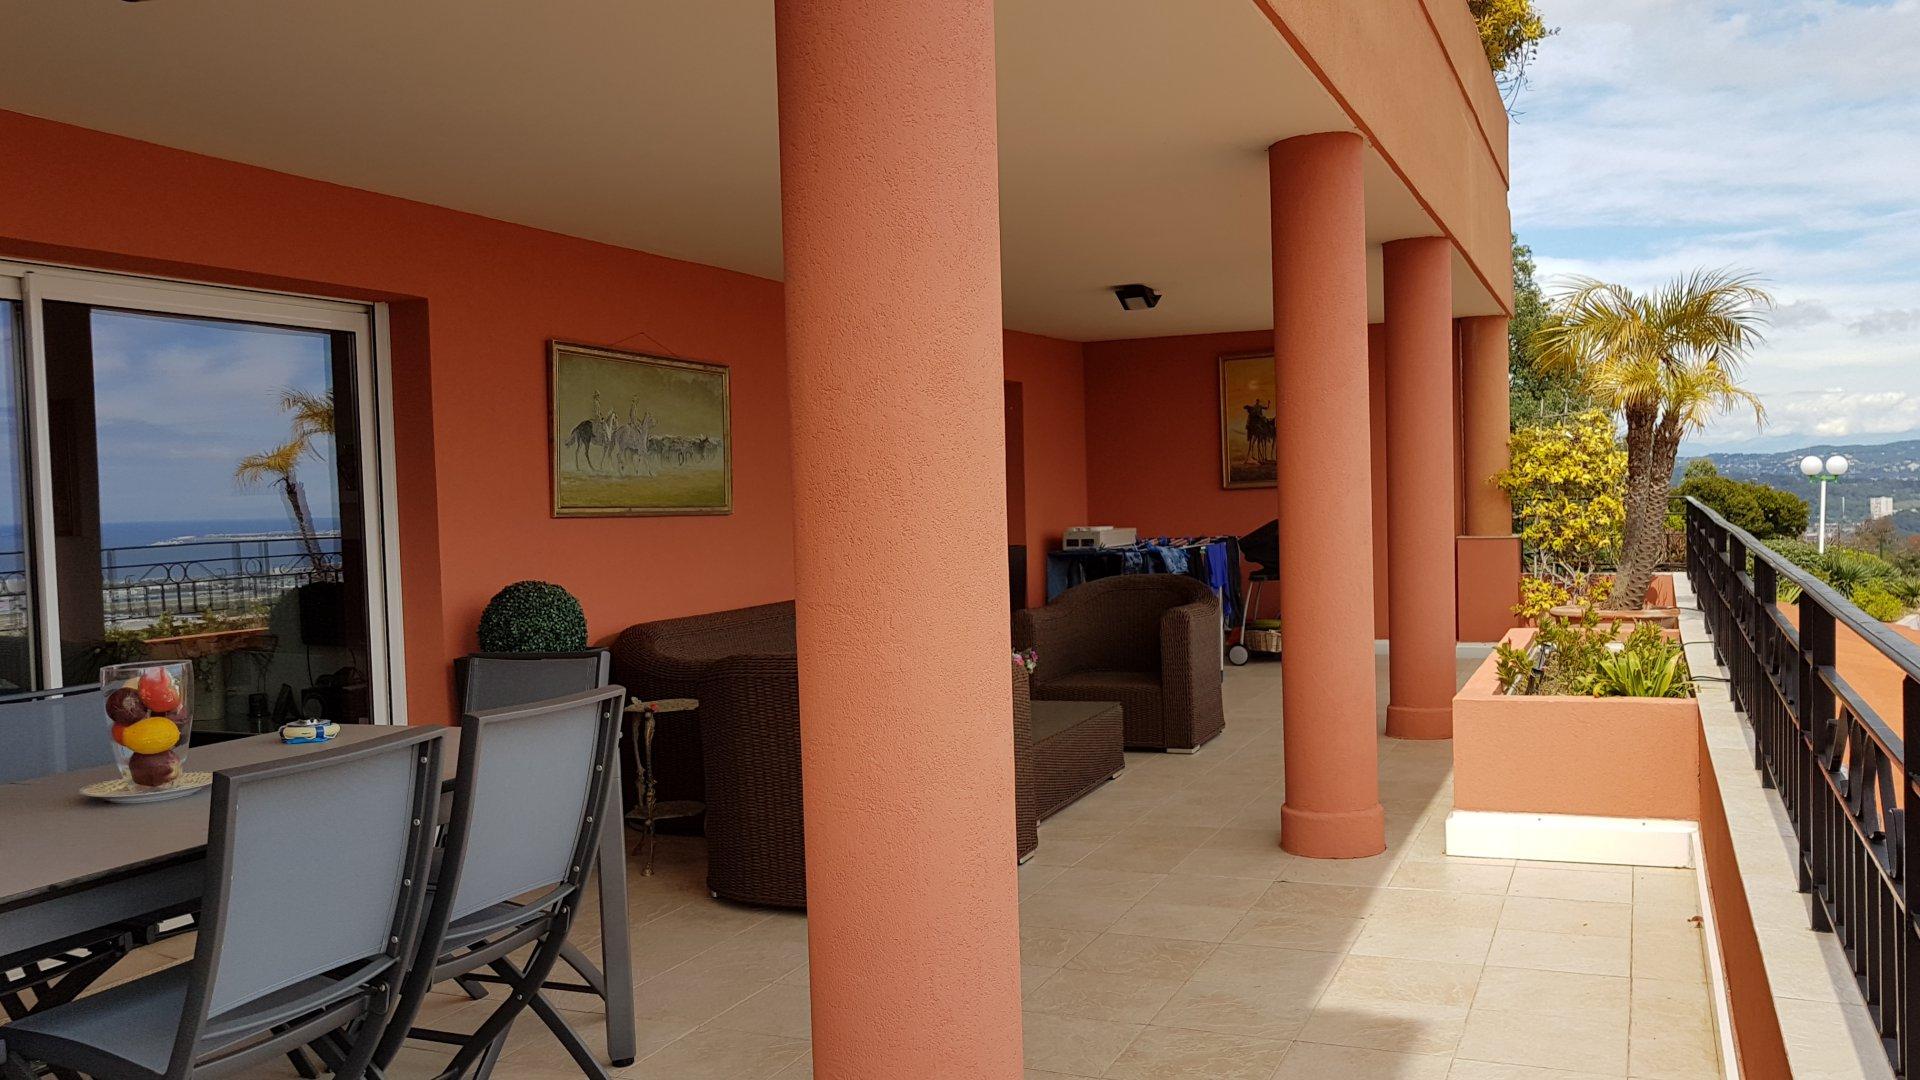 Appartement 3 Piéces avec vue mer